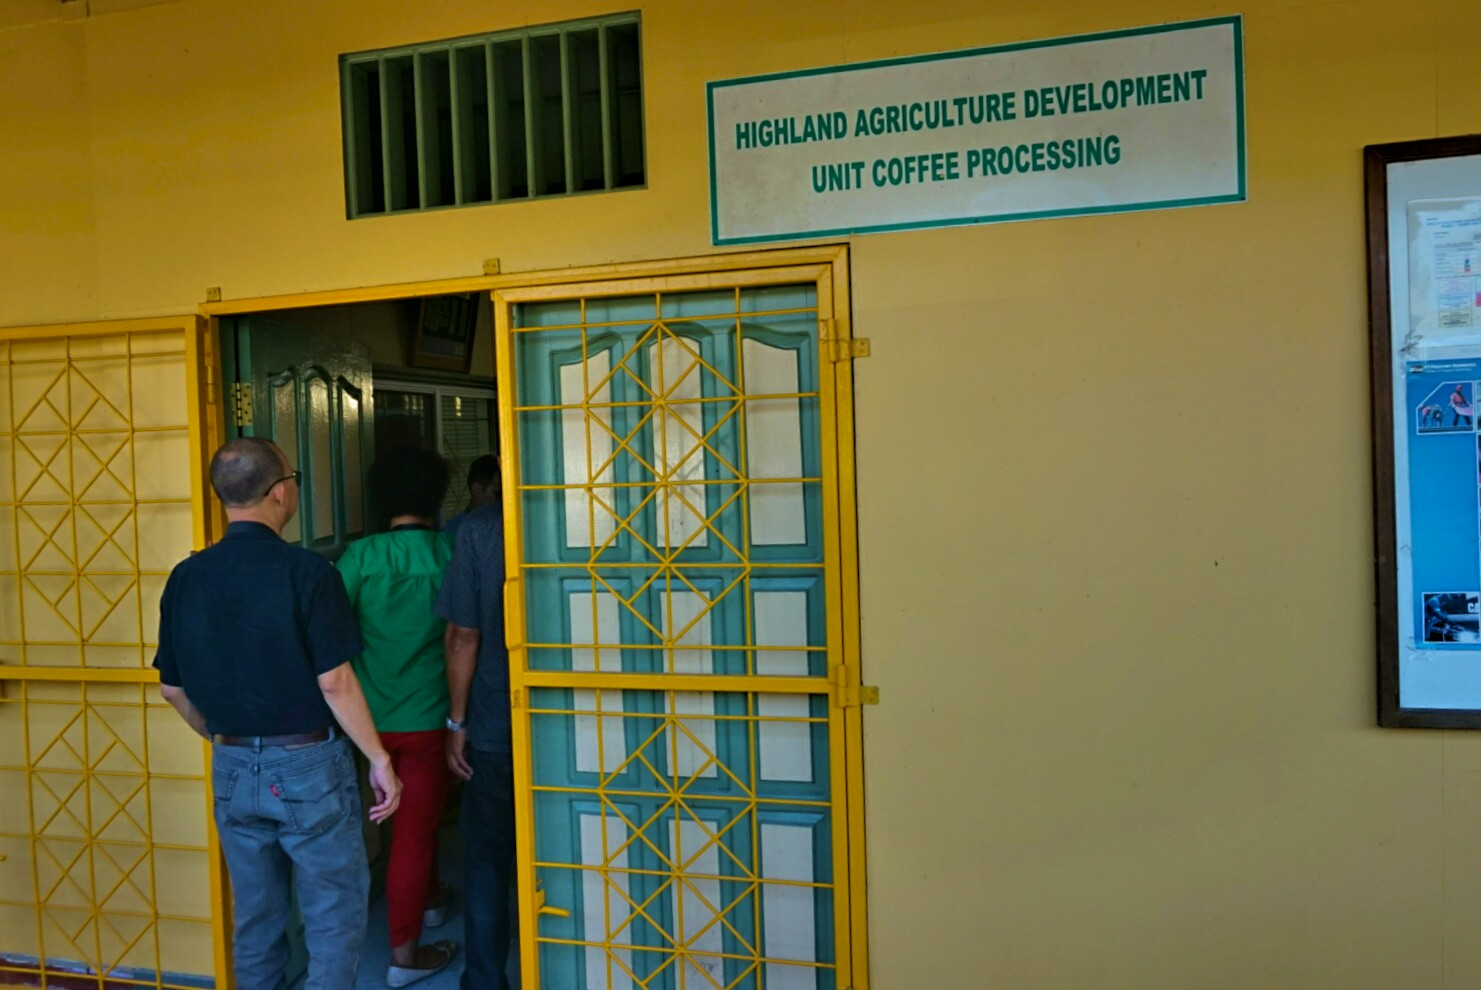 Tampak depan lokasi produksi Kopi Amungme (Foto: Bagus DR / GNFI)